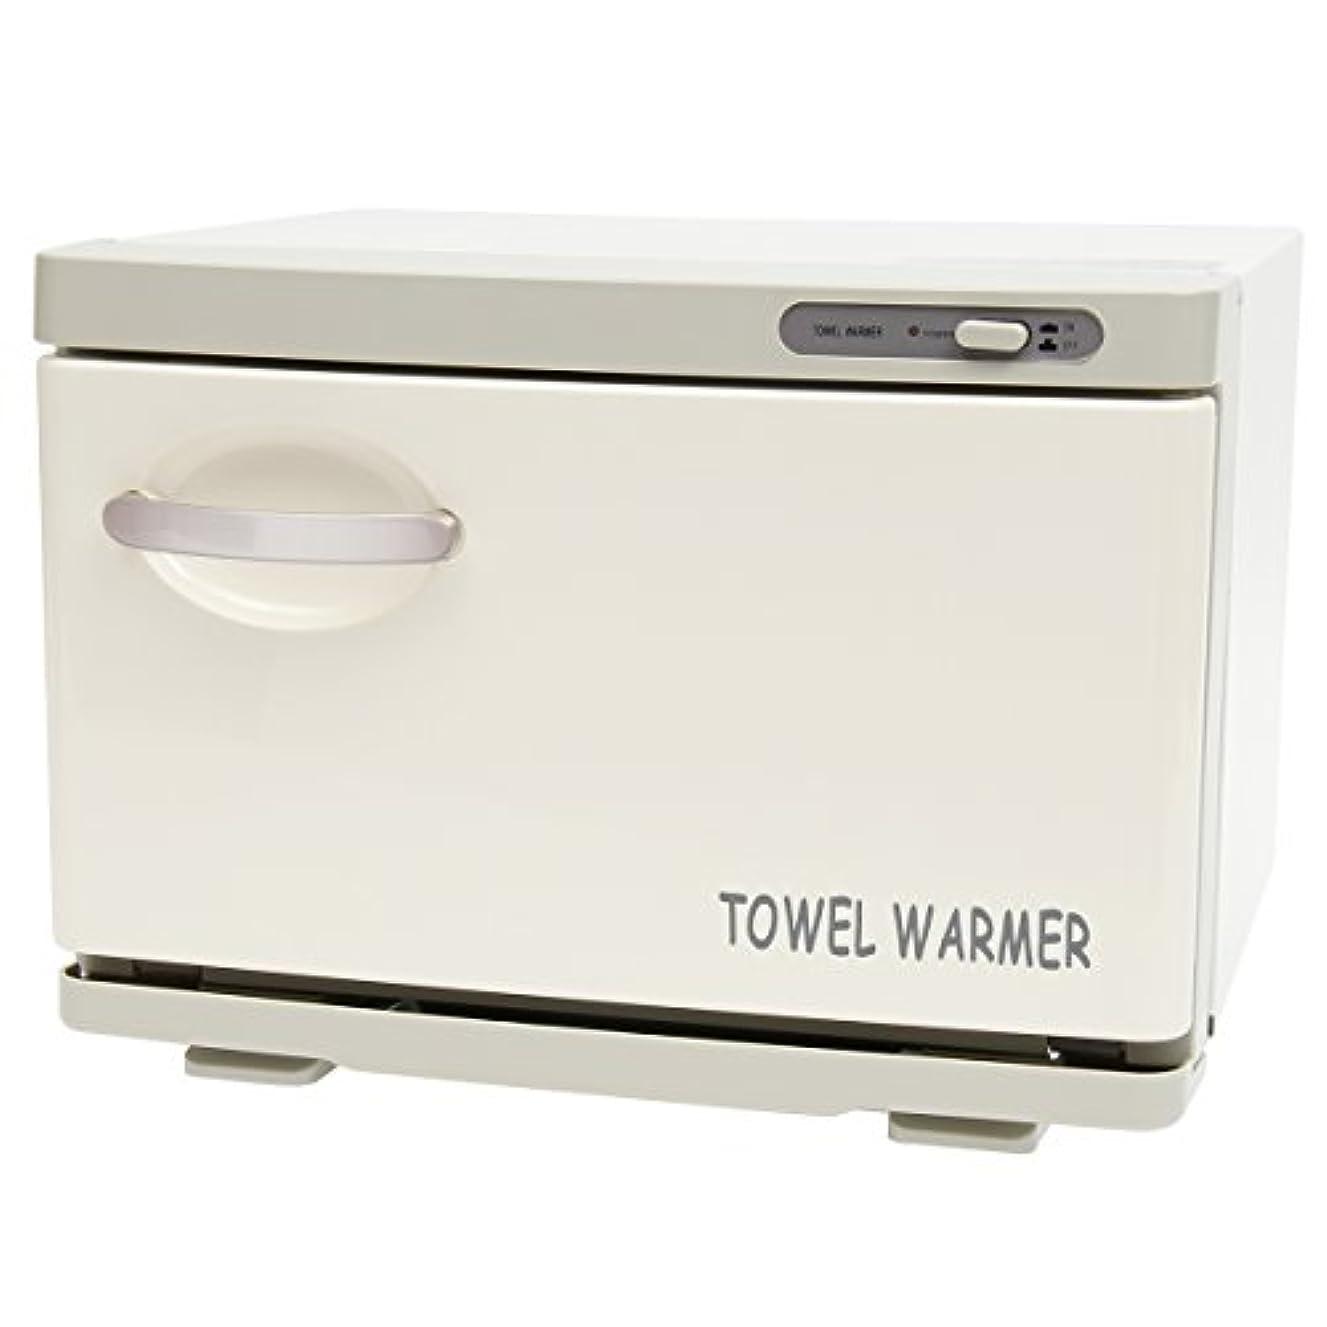 妻形容詞起きてタオルウォーマー SH (前開き) 7.5L [ タオル蒸し器 おしぼり蒸し器 タオルスチーマー ホットボックス タオル おしぼり ウォーマー スチーマー 小型 業務用 保温器 ]